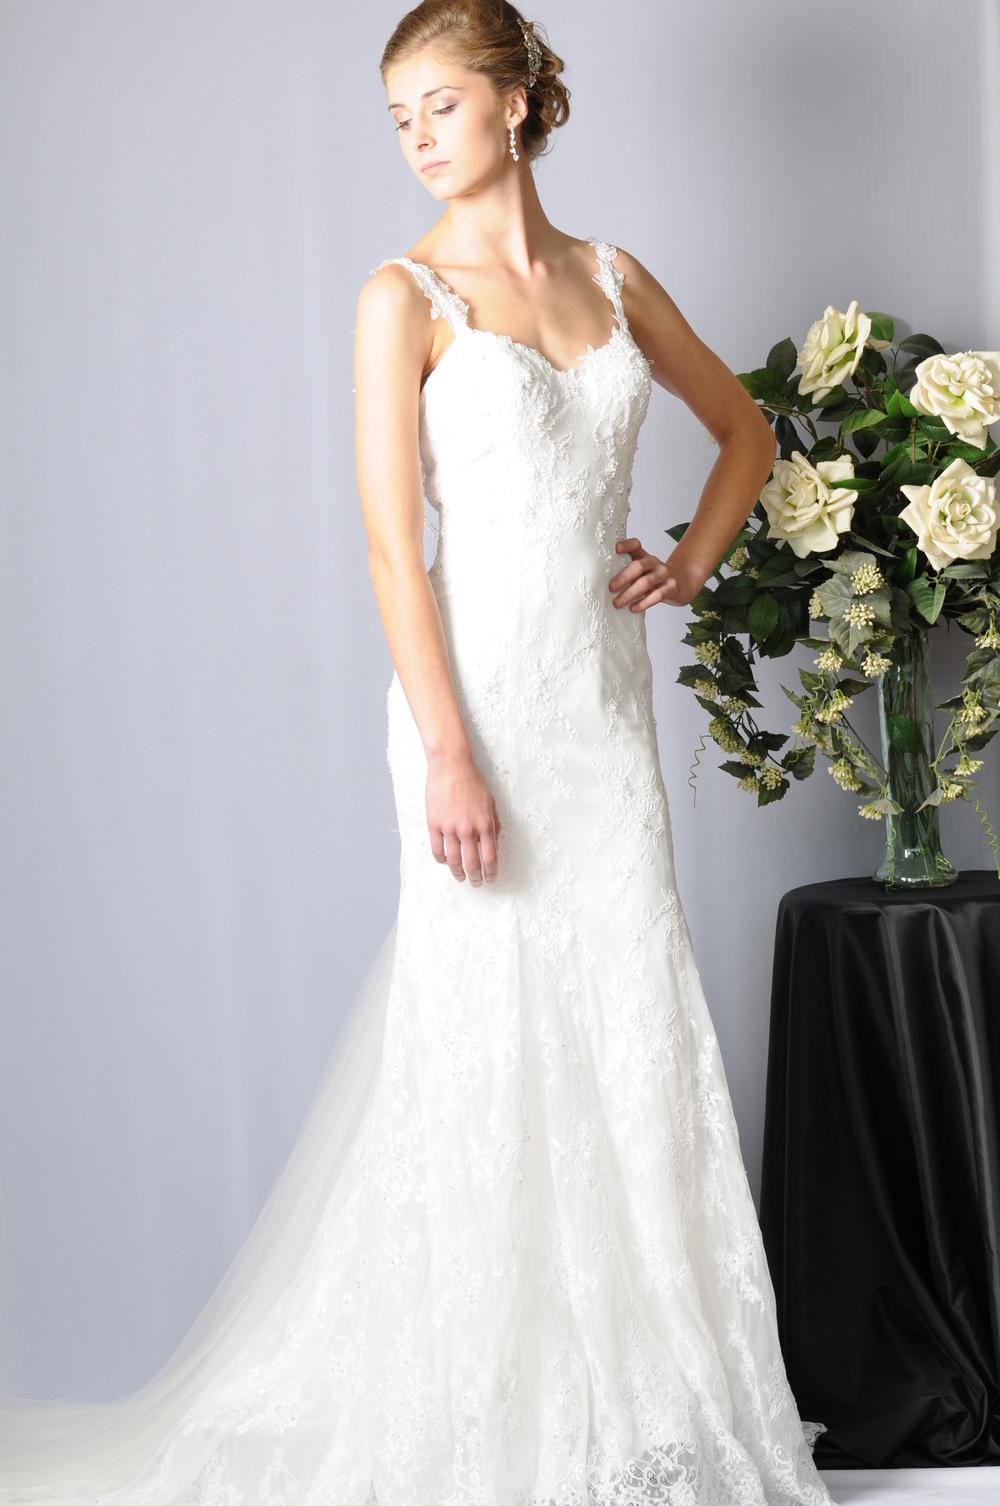 Chantilly+Bridal+Dress.jpeg